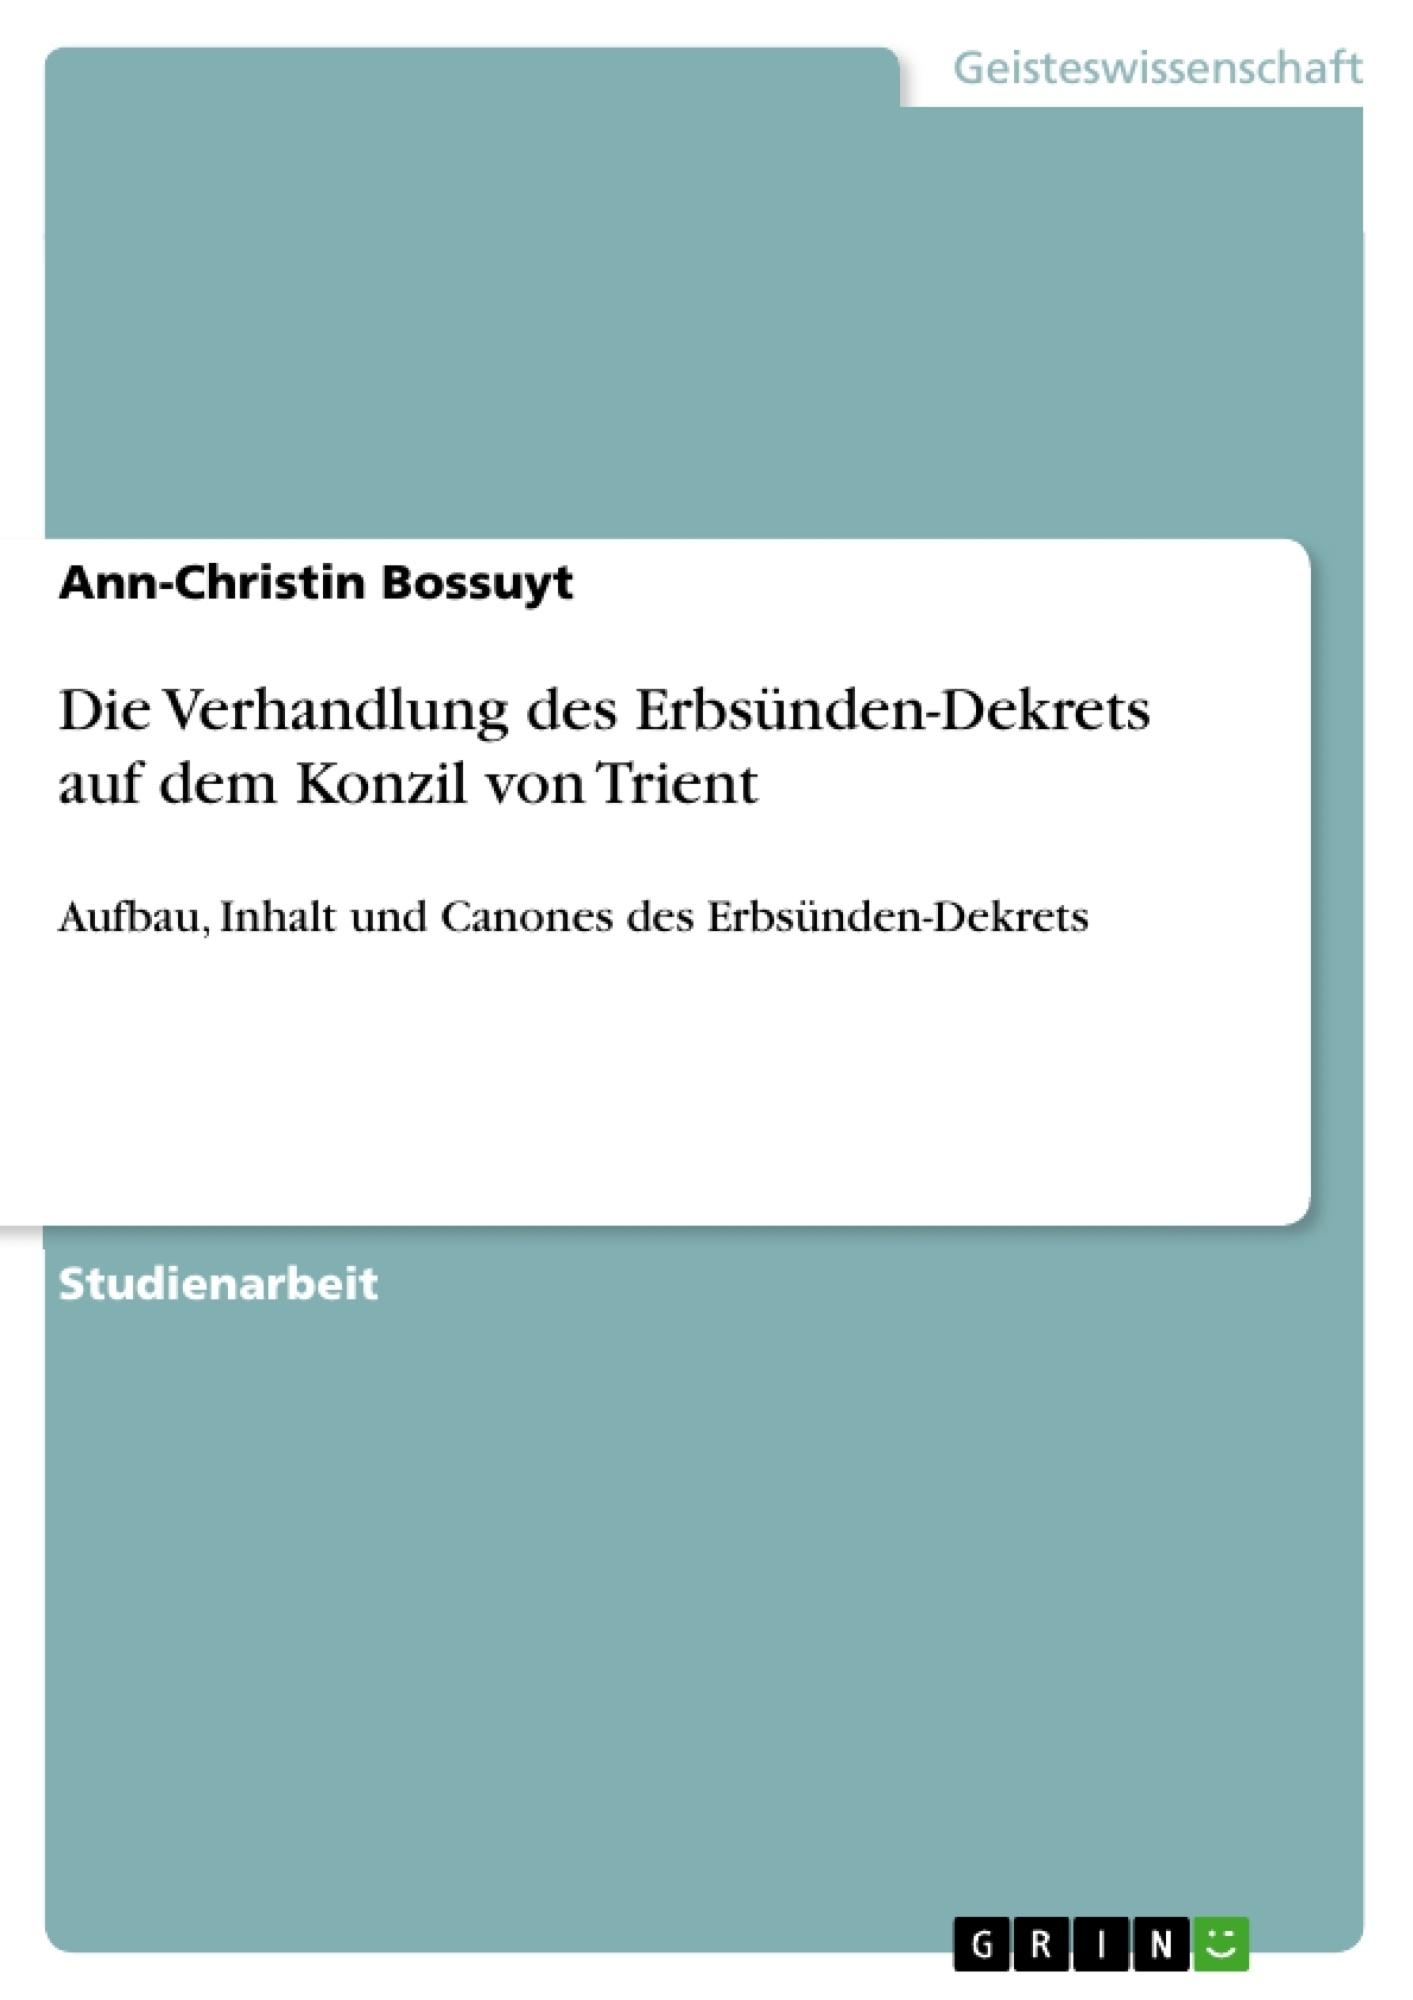 Titel: Die Verhandlung des Erbsünden-Dekrets auf dem Konzil von Trient